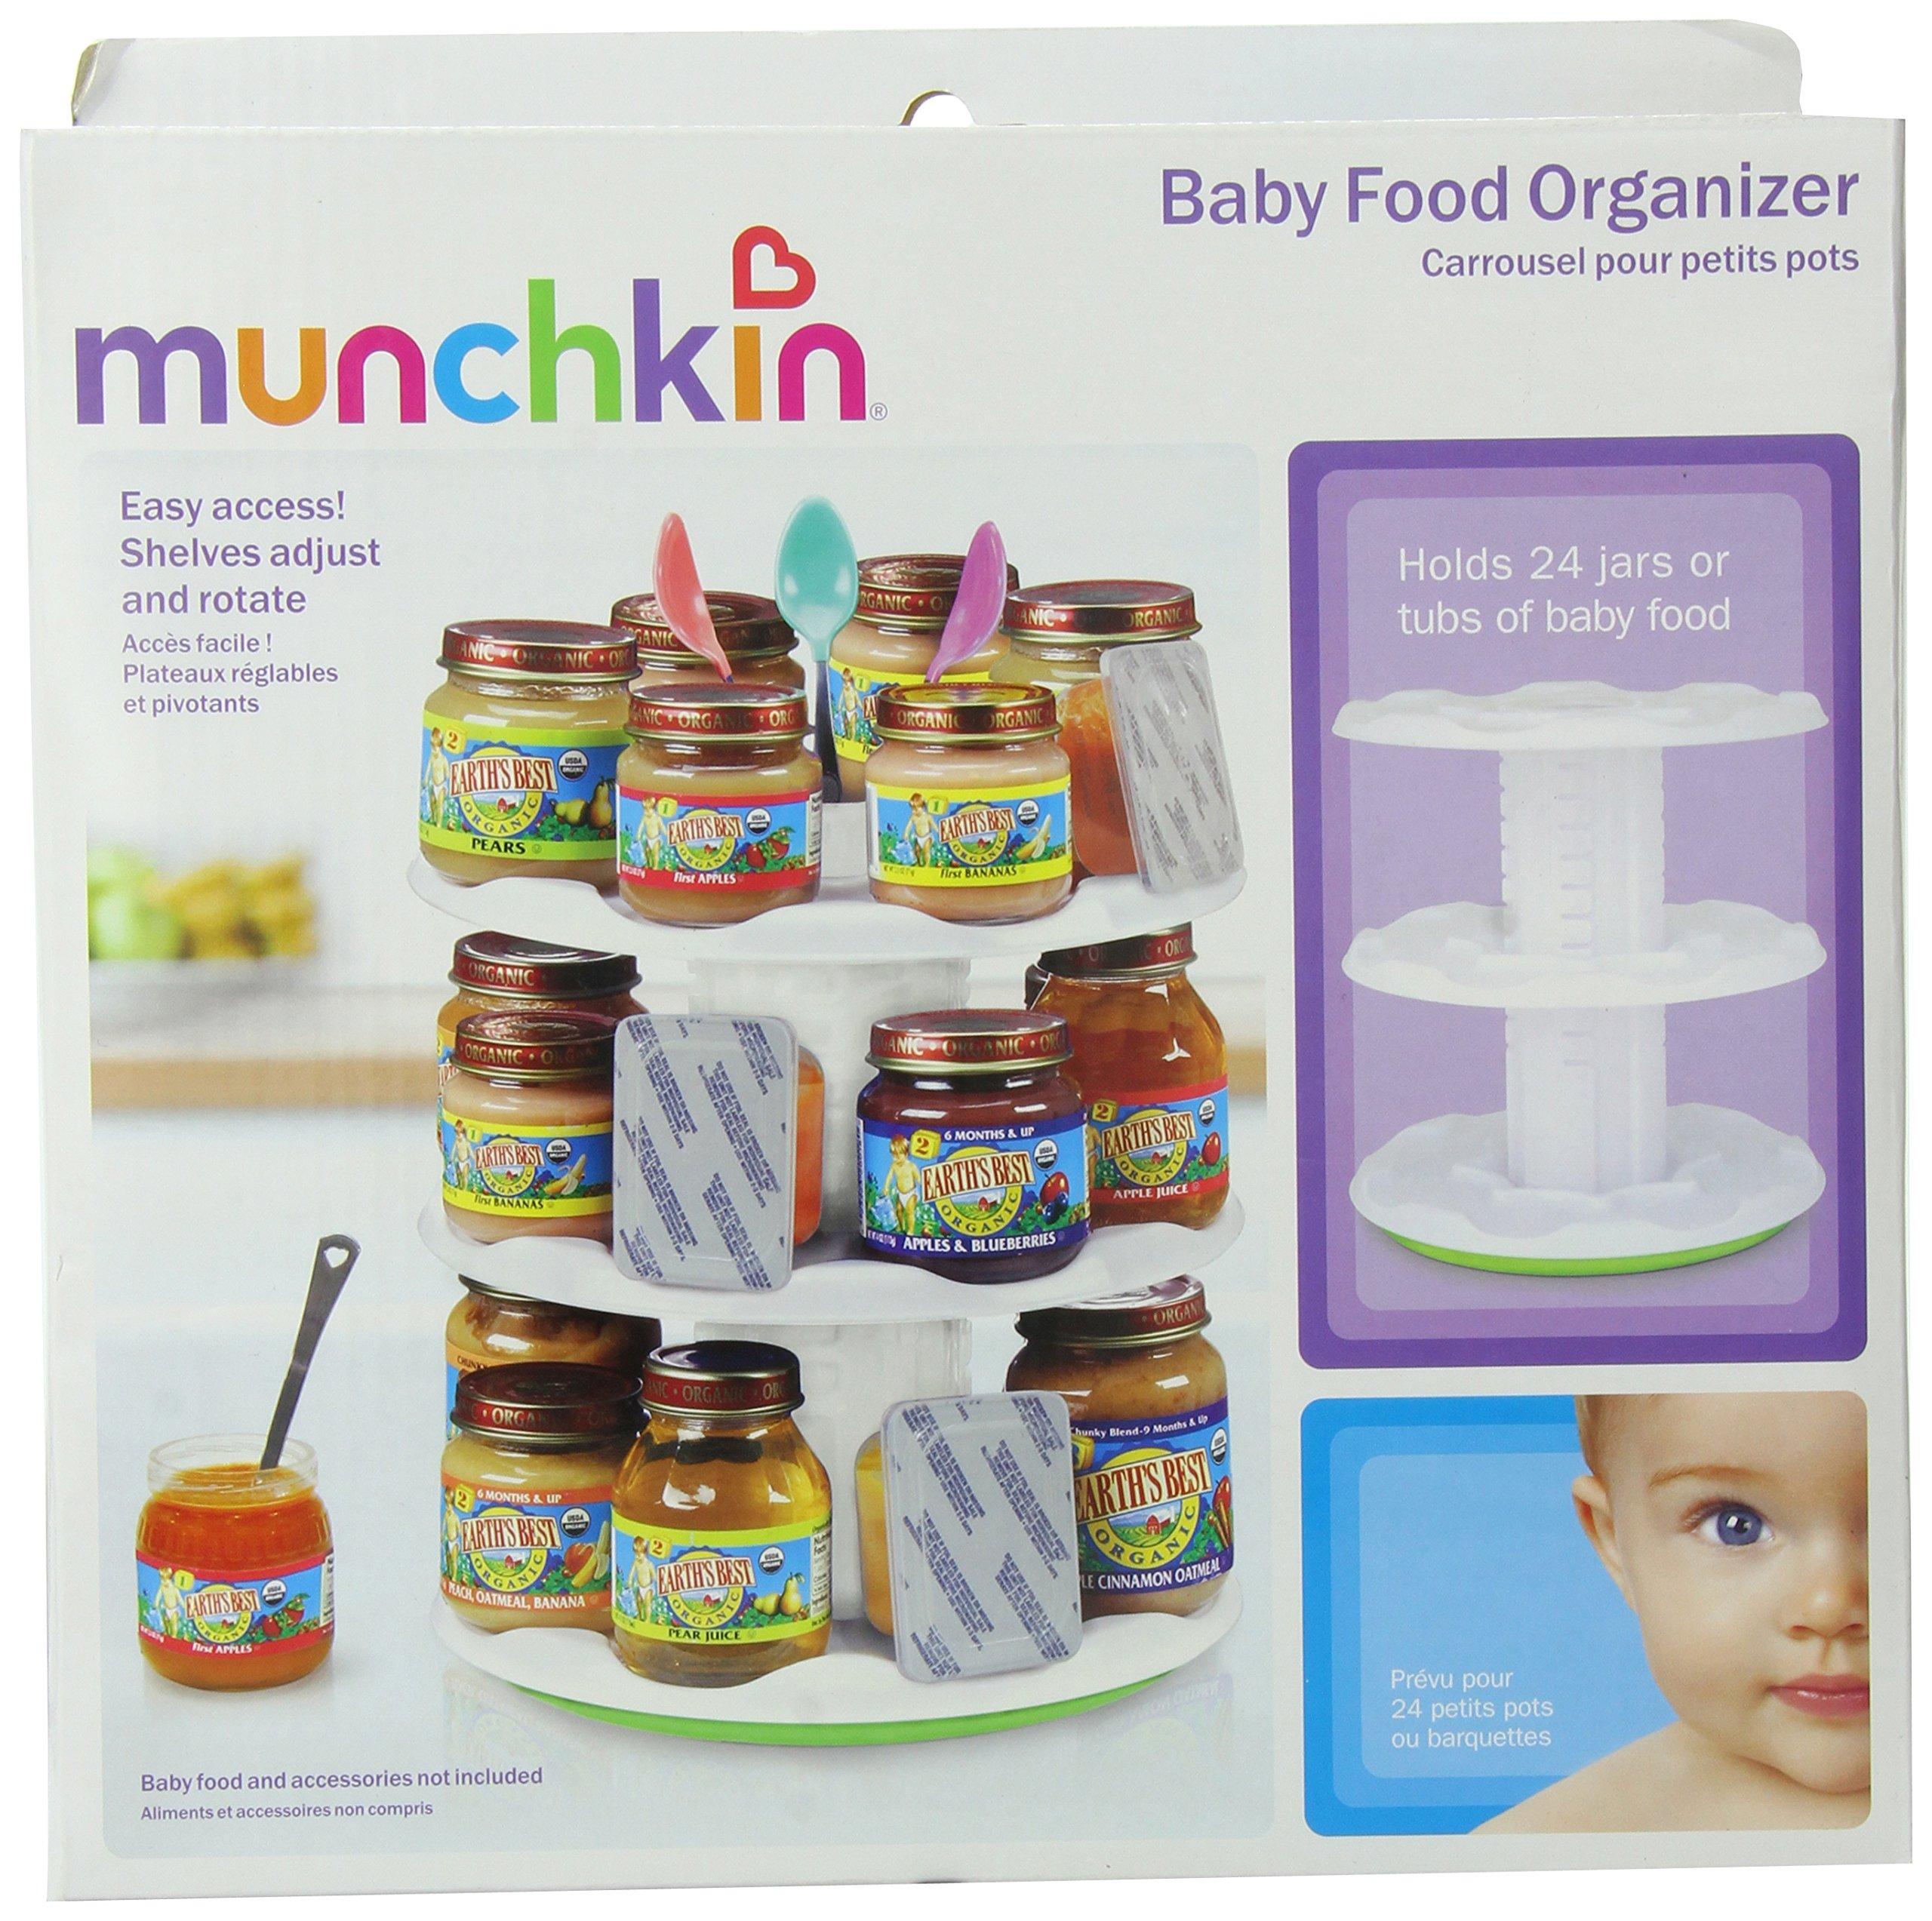 Munchkin baby food pouch organizer